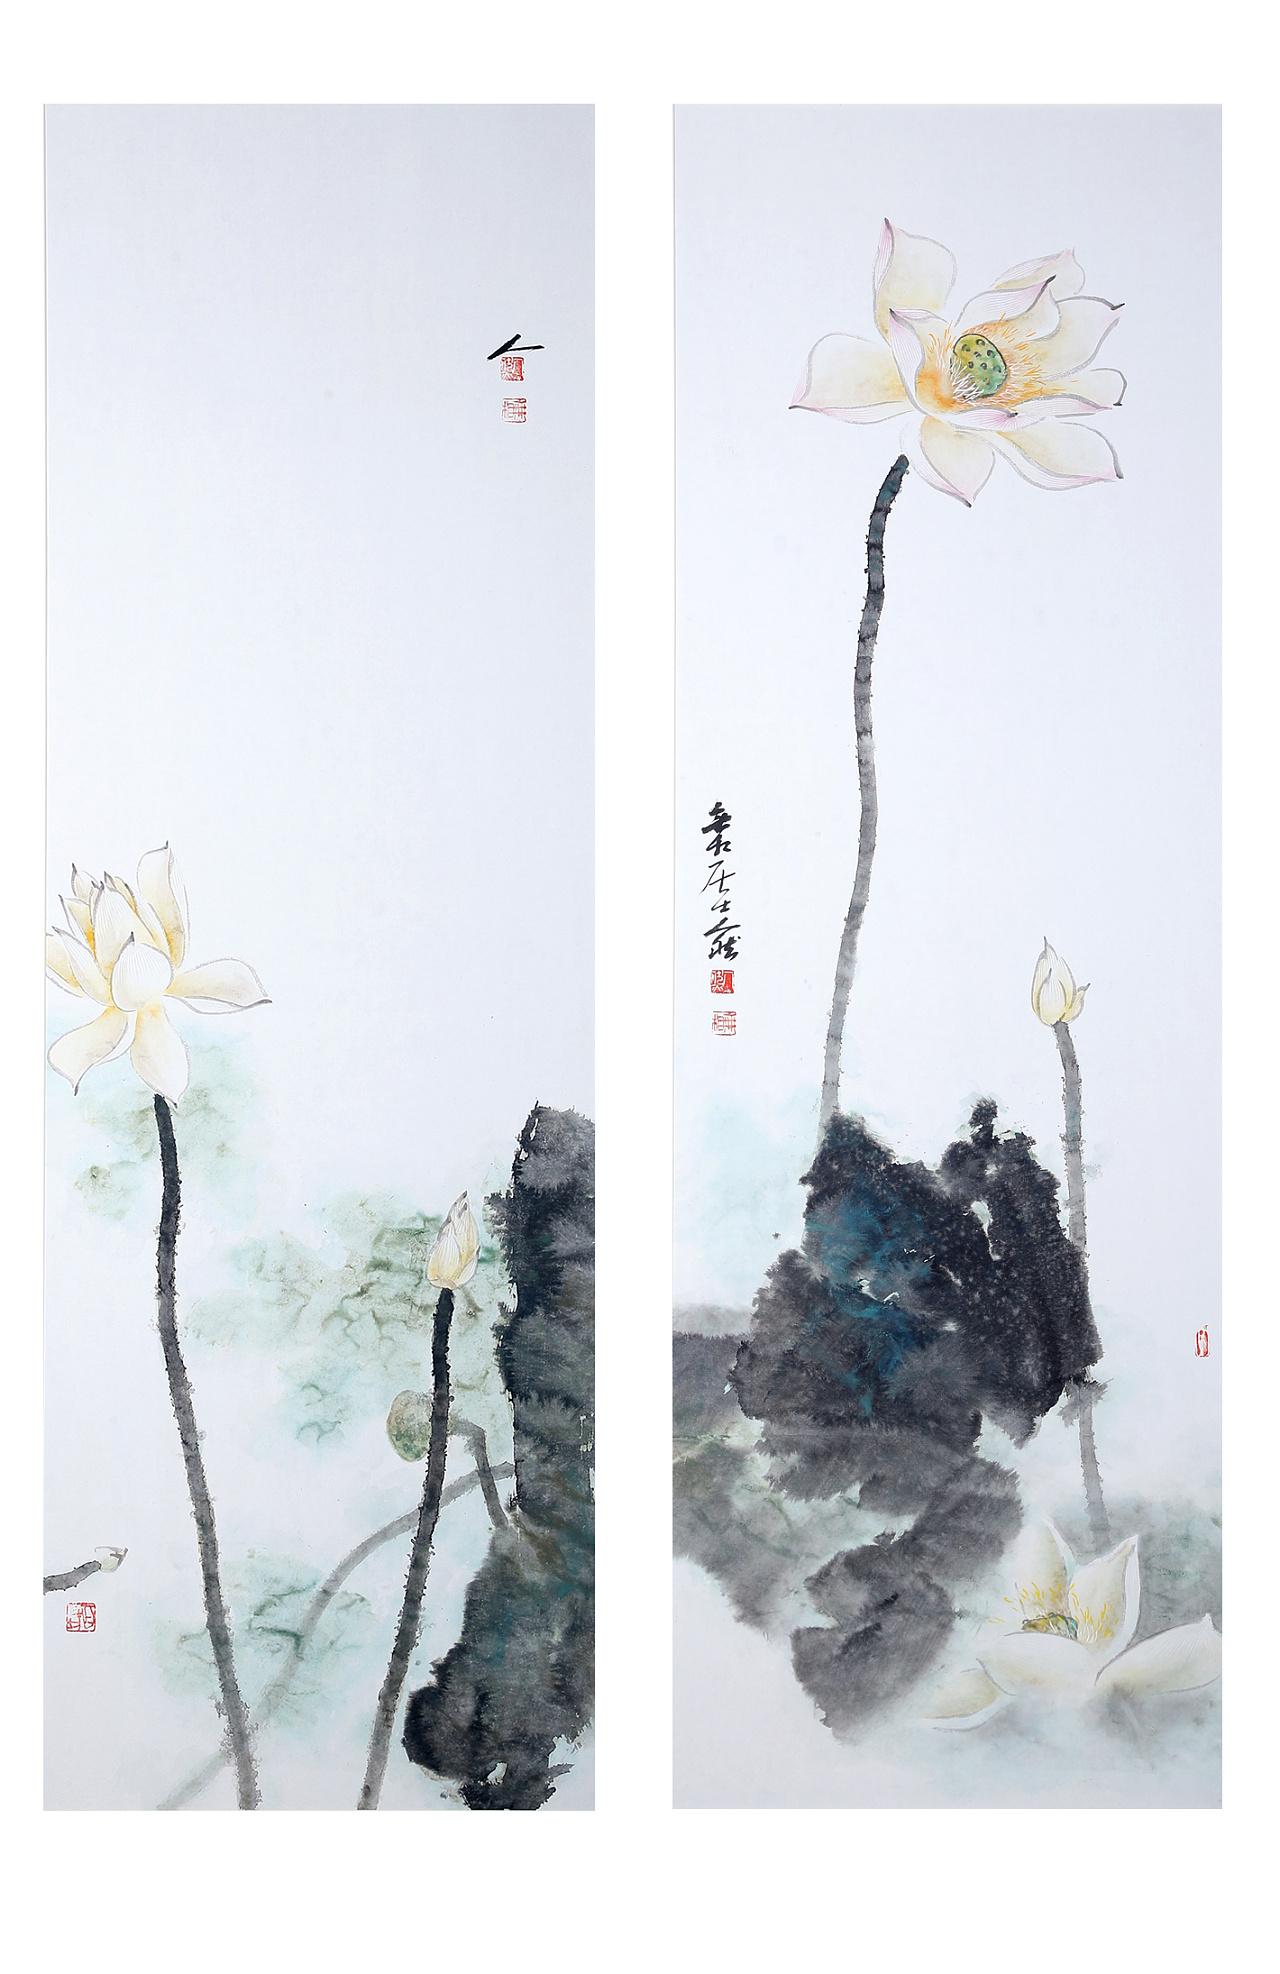 清莲 纯艺术 国画 无相禅艺中心 - 原创作品 - 站酷图片